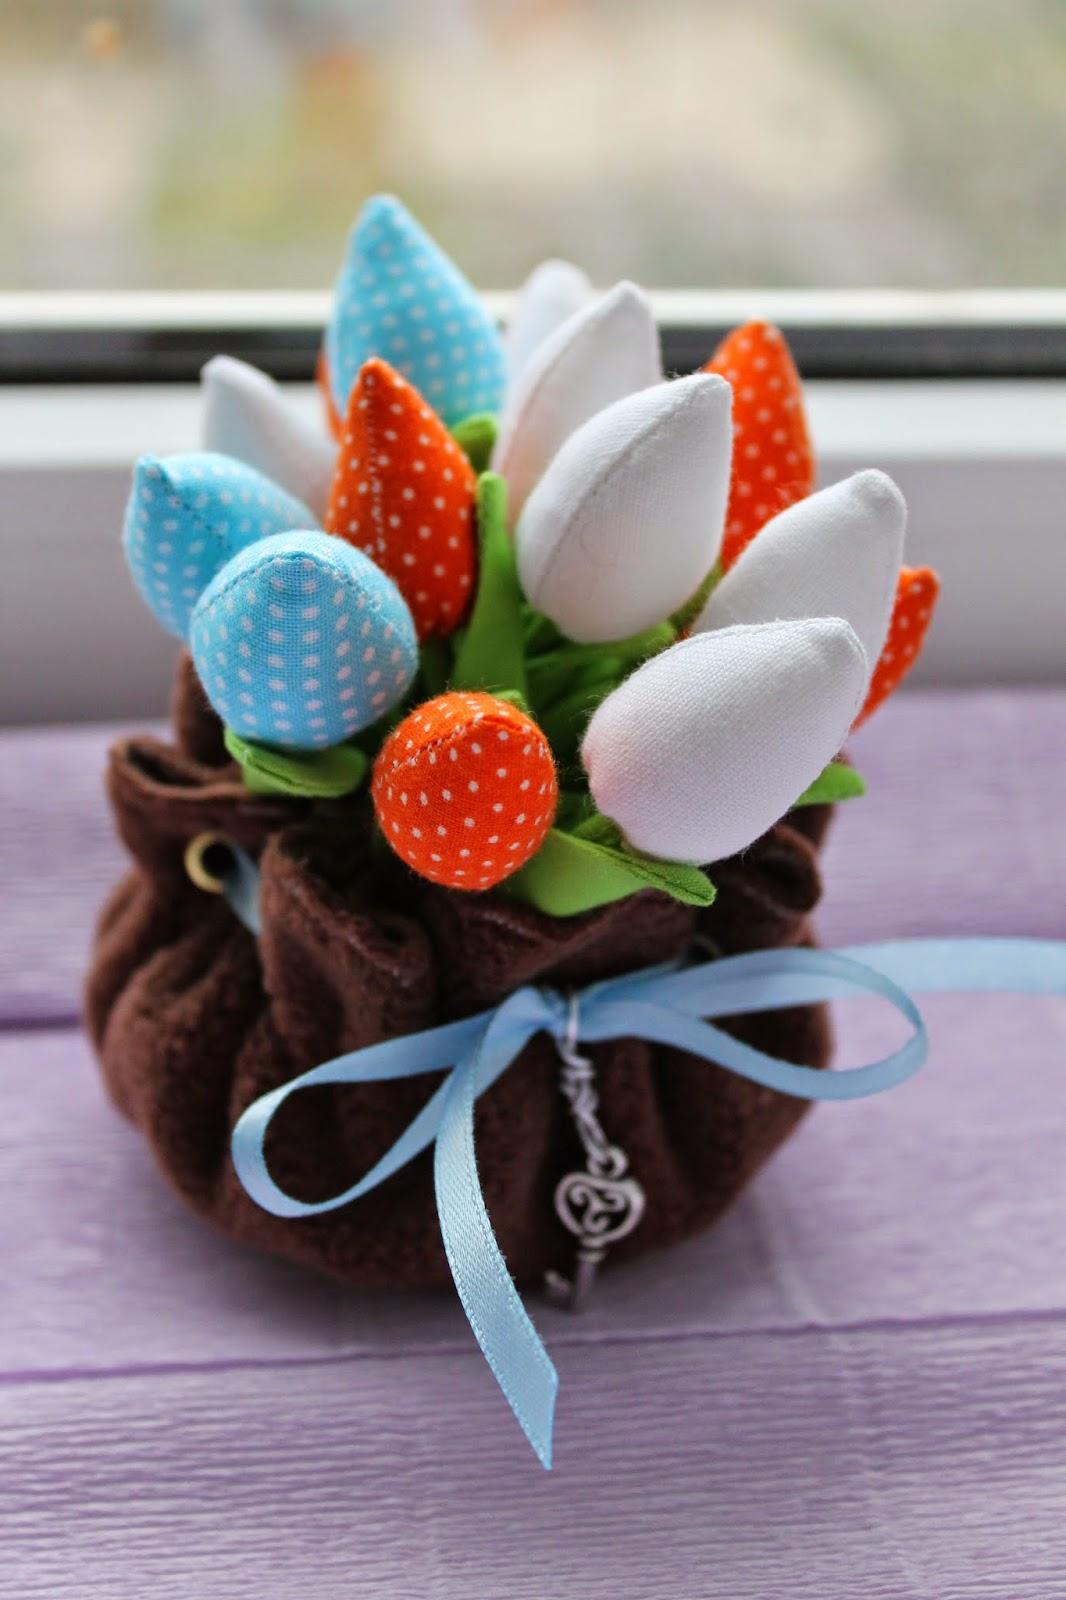 букет тюльпанов, букет цветов, цветы из ткани, подарок на 8 марта, подарок на день рождения, подарок к Пасхе